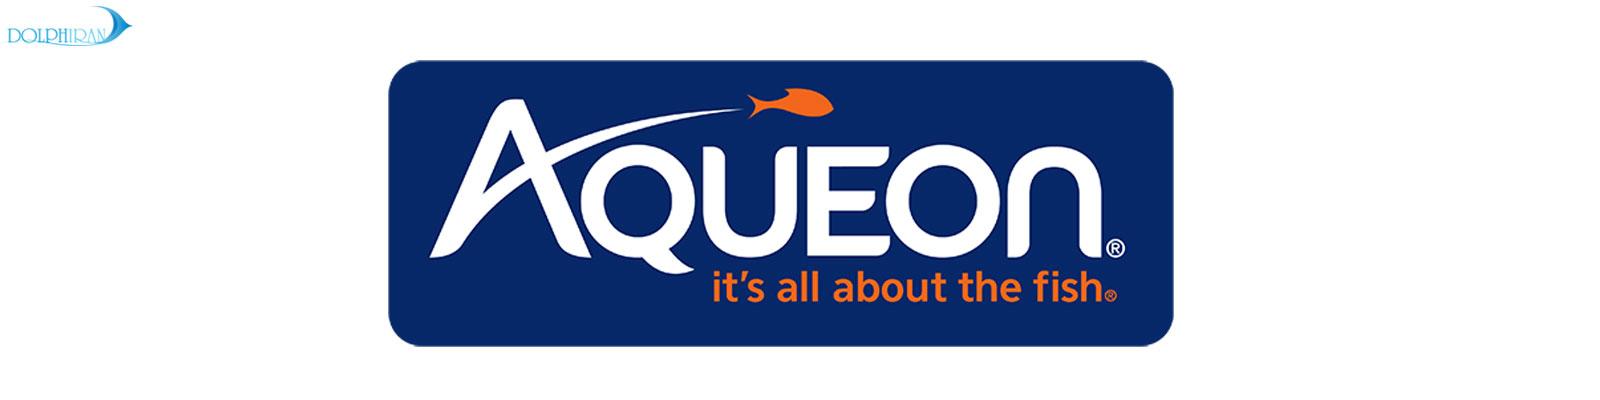 Aqueon تولید نسخه جدید و بی نظیر ریملس کلاسیک 29 گالونی خود را ارائه می دهد